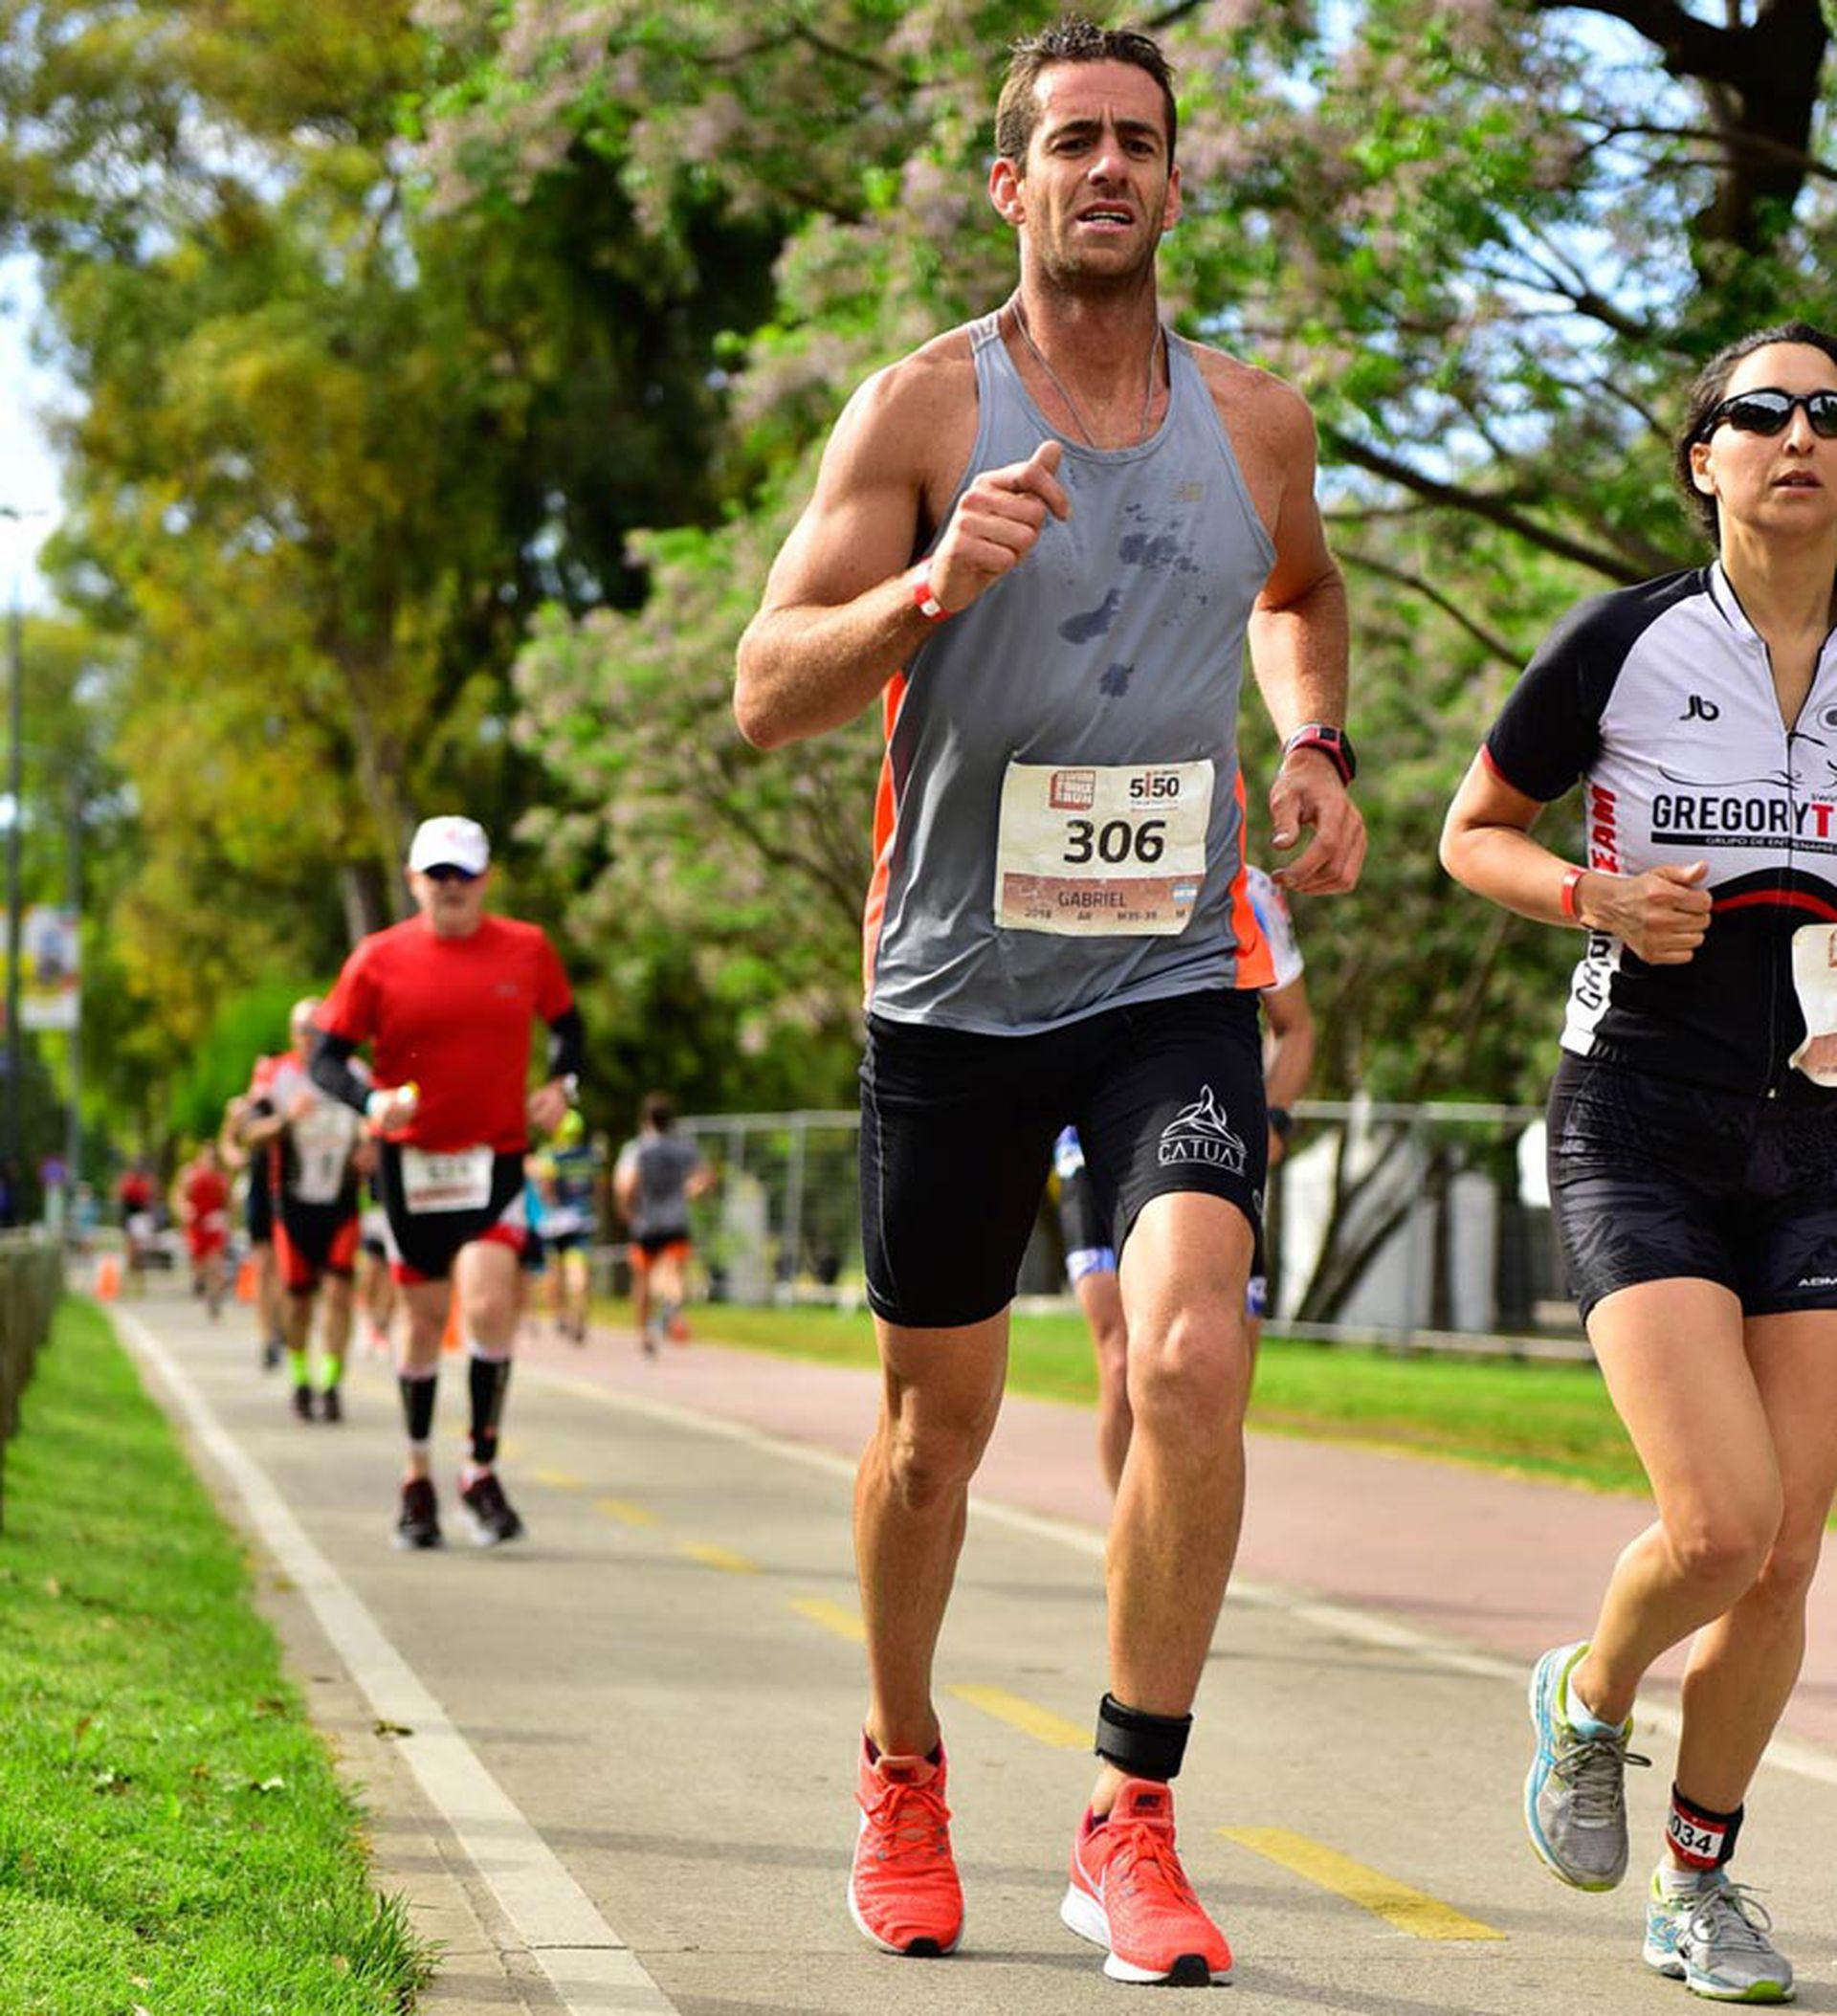 El primer triatlón con sello Ironman en la ciudad, significó para muchos la oportunidad de desafiarse a debutar en un deporte tan sacrificado como fascinante.